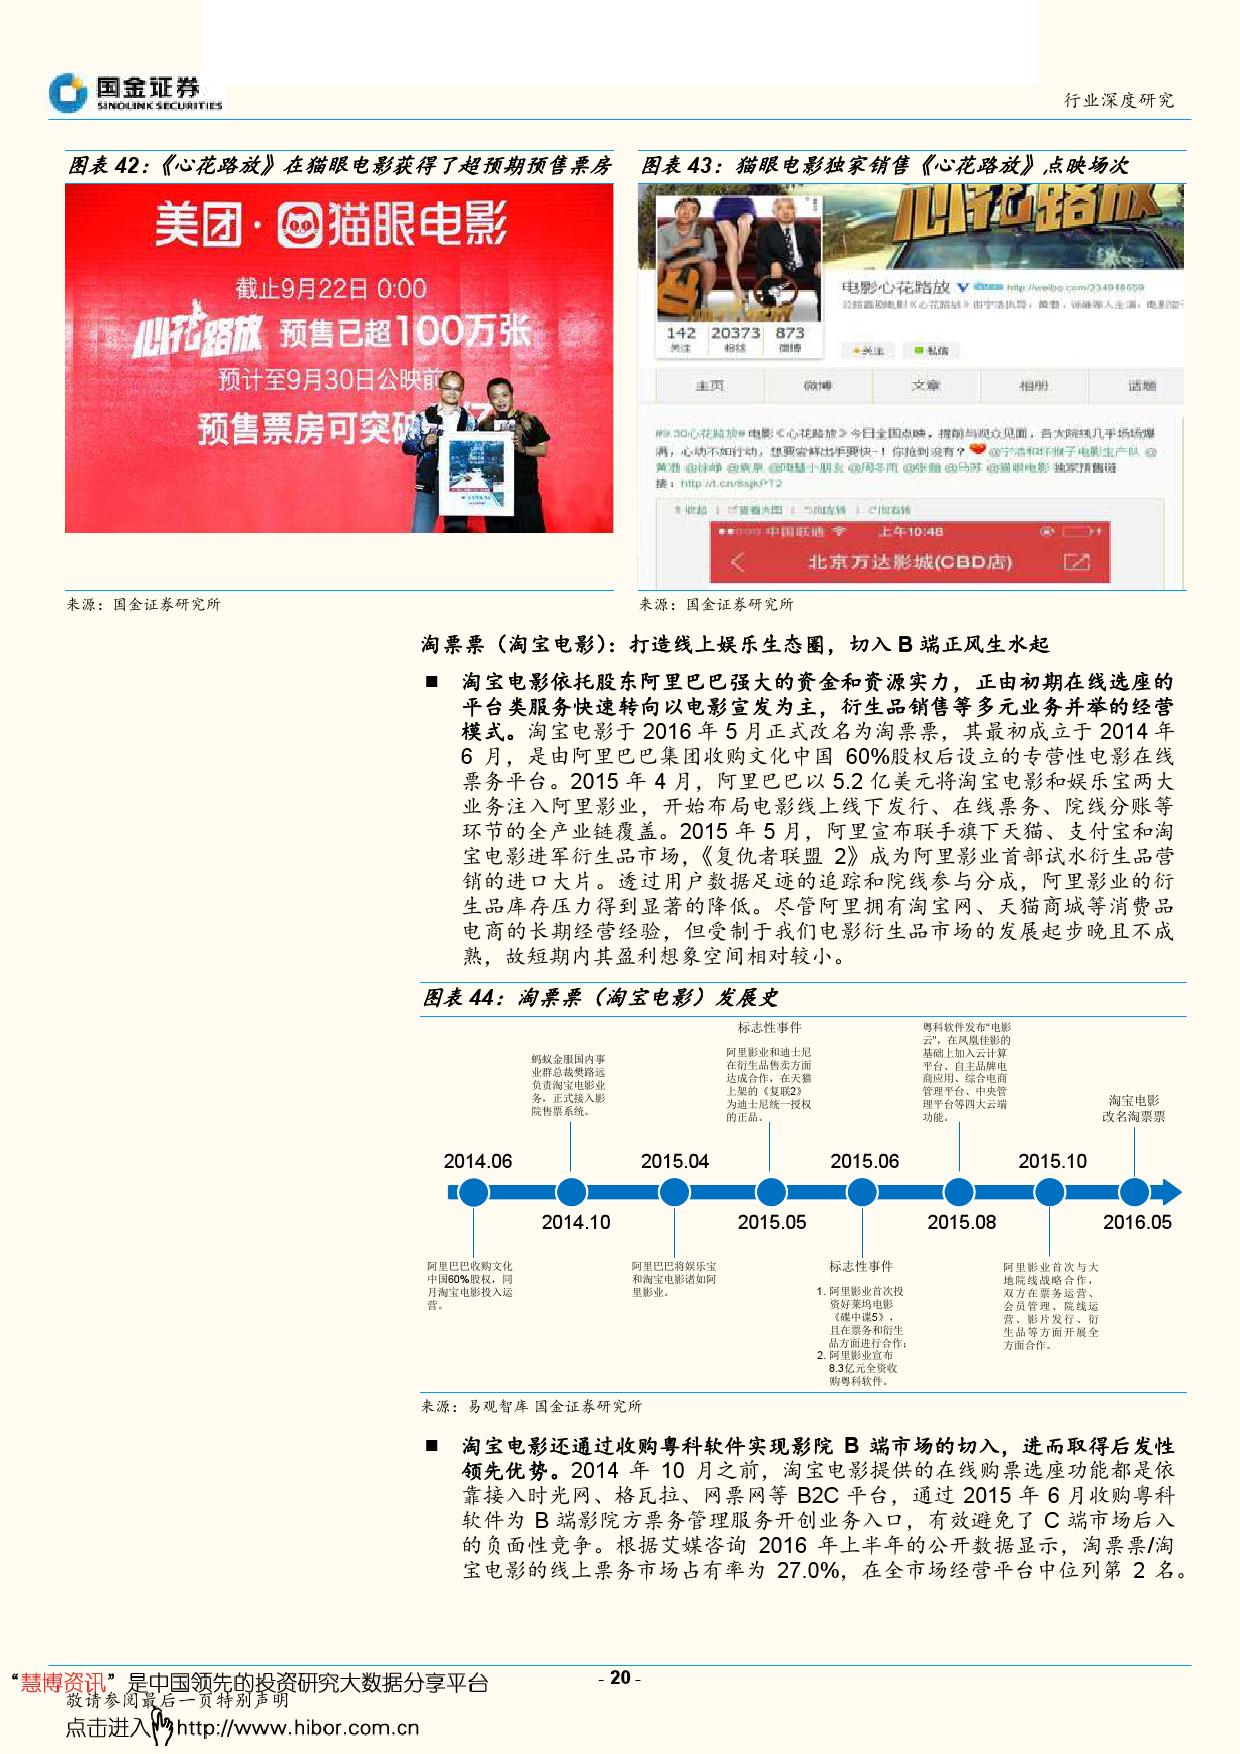 传媒互联网行业 在线票务深度报告_000020